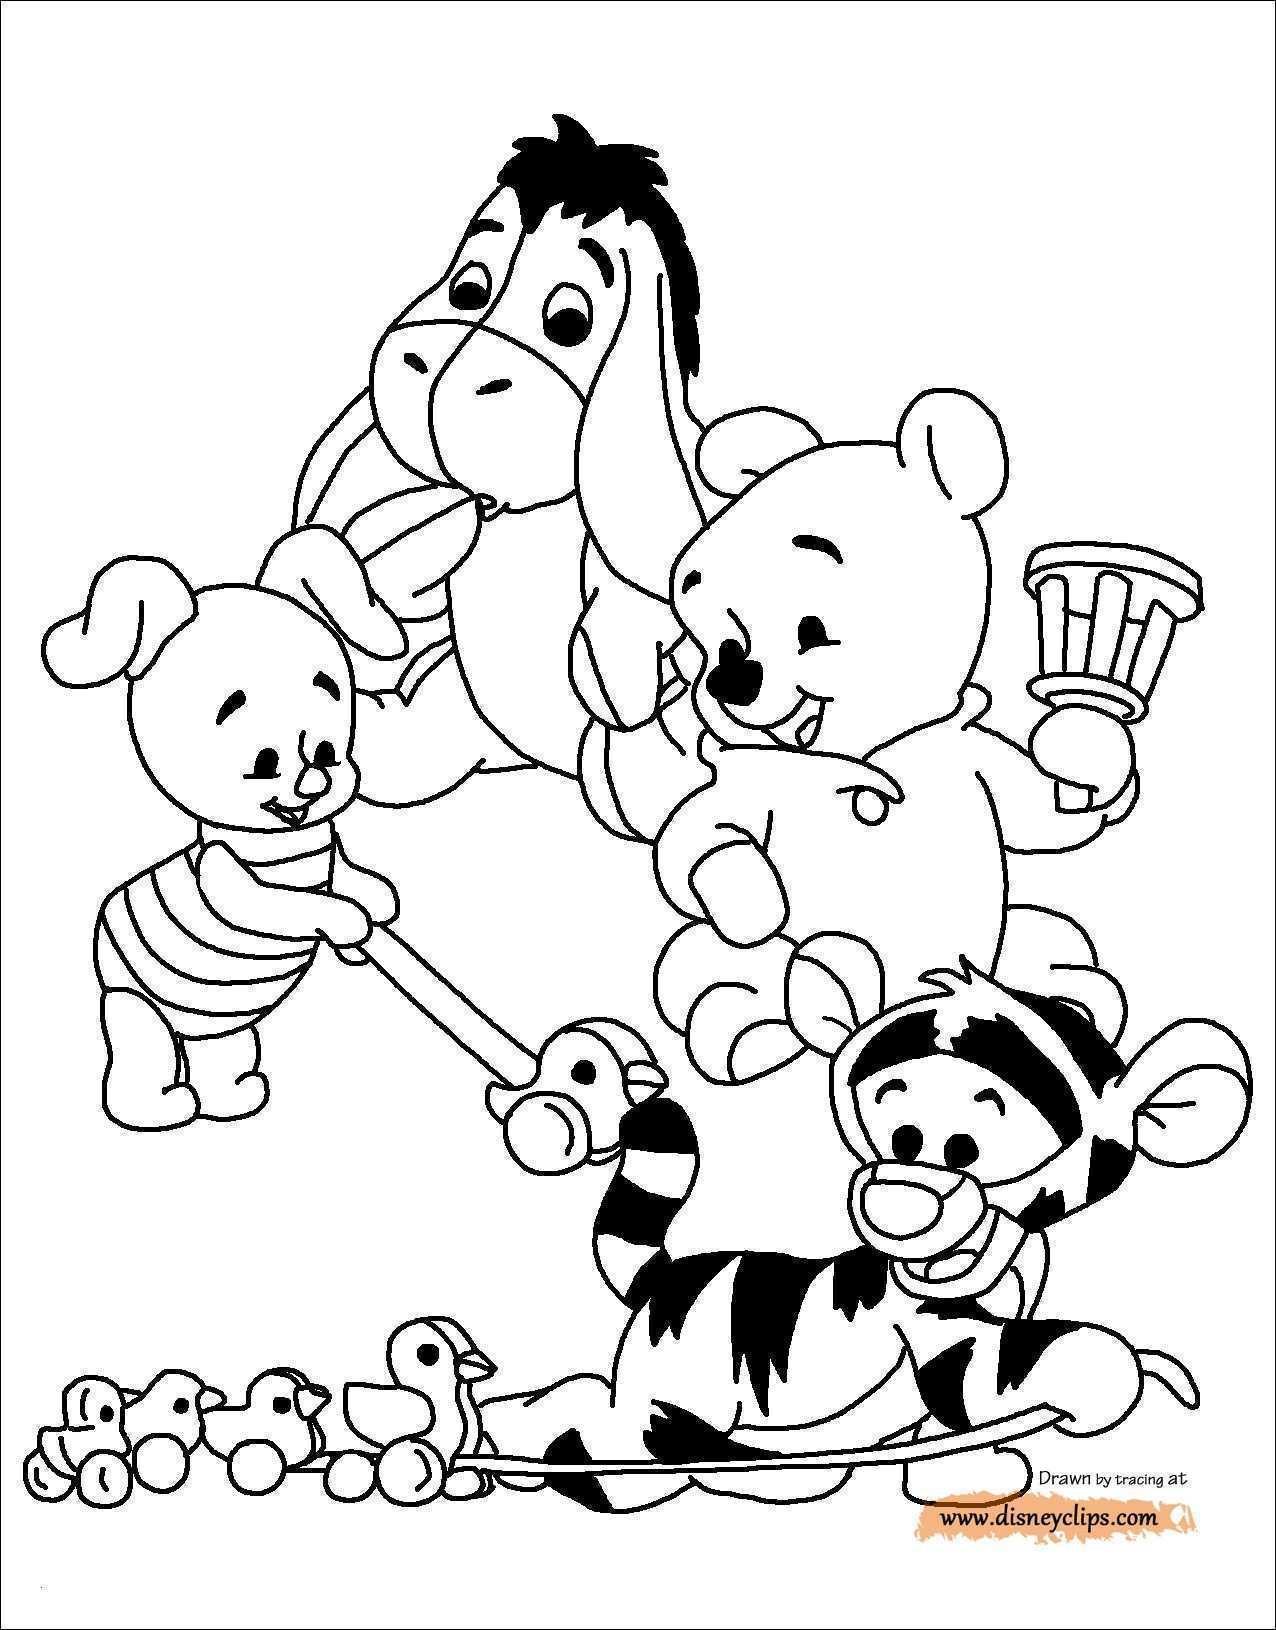 Winnie Pooh Baby Malvorlagen Das Beste Von Winnie Pooh Baby Malvorlagen Bild – Ausmalbilder Ideen Bilder